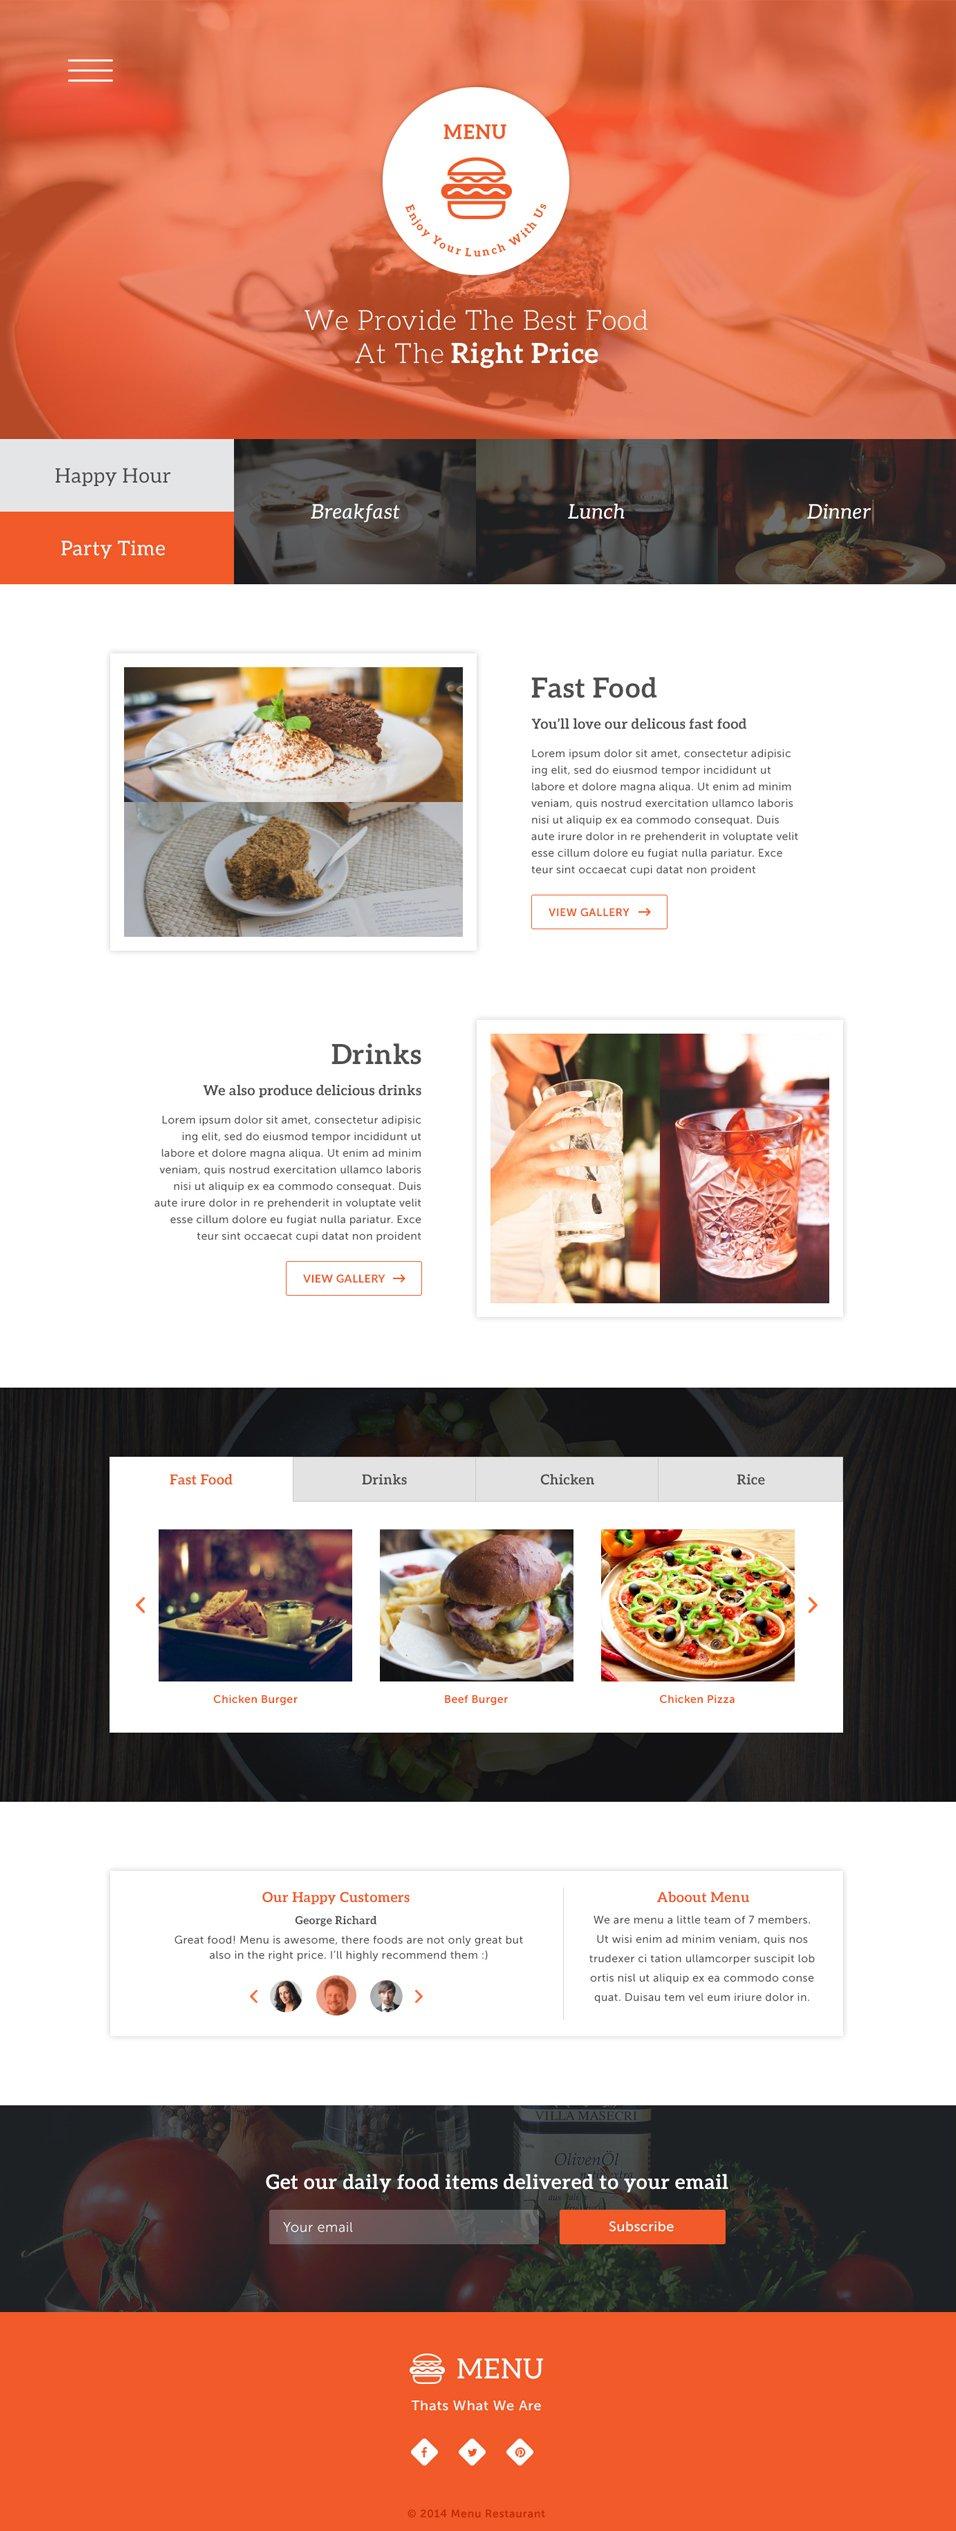 Menu One Page PSD